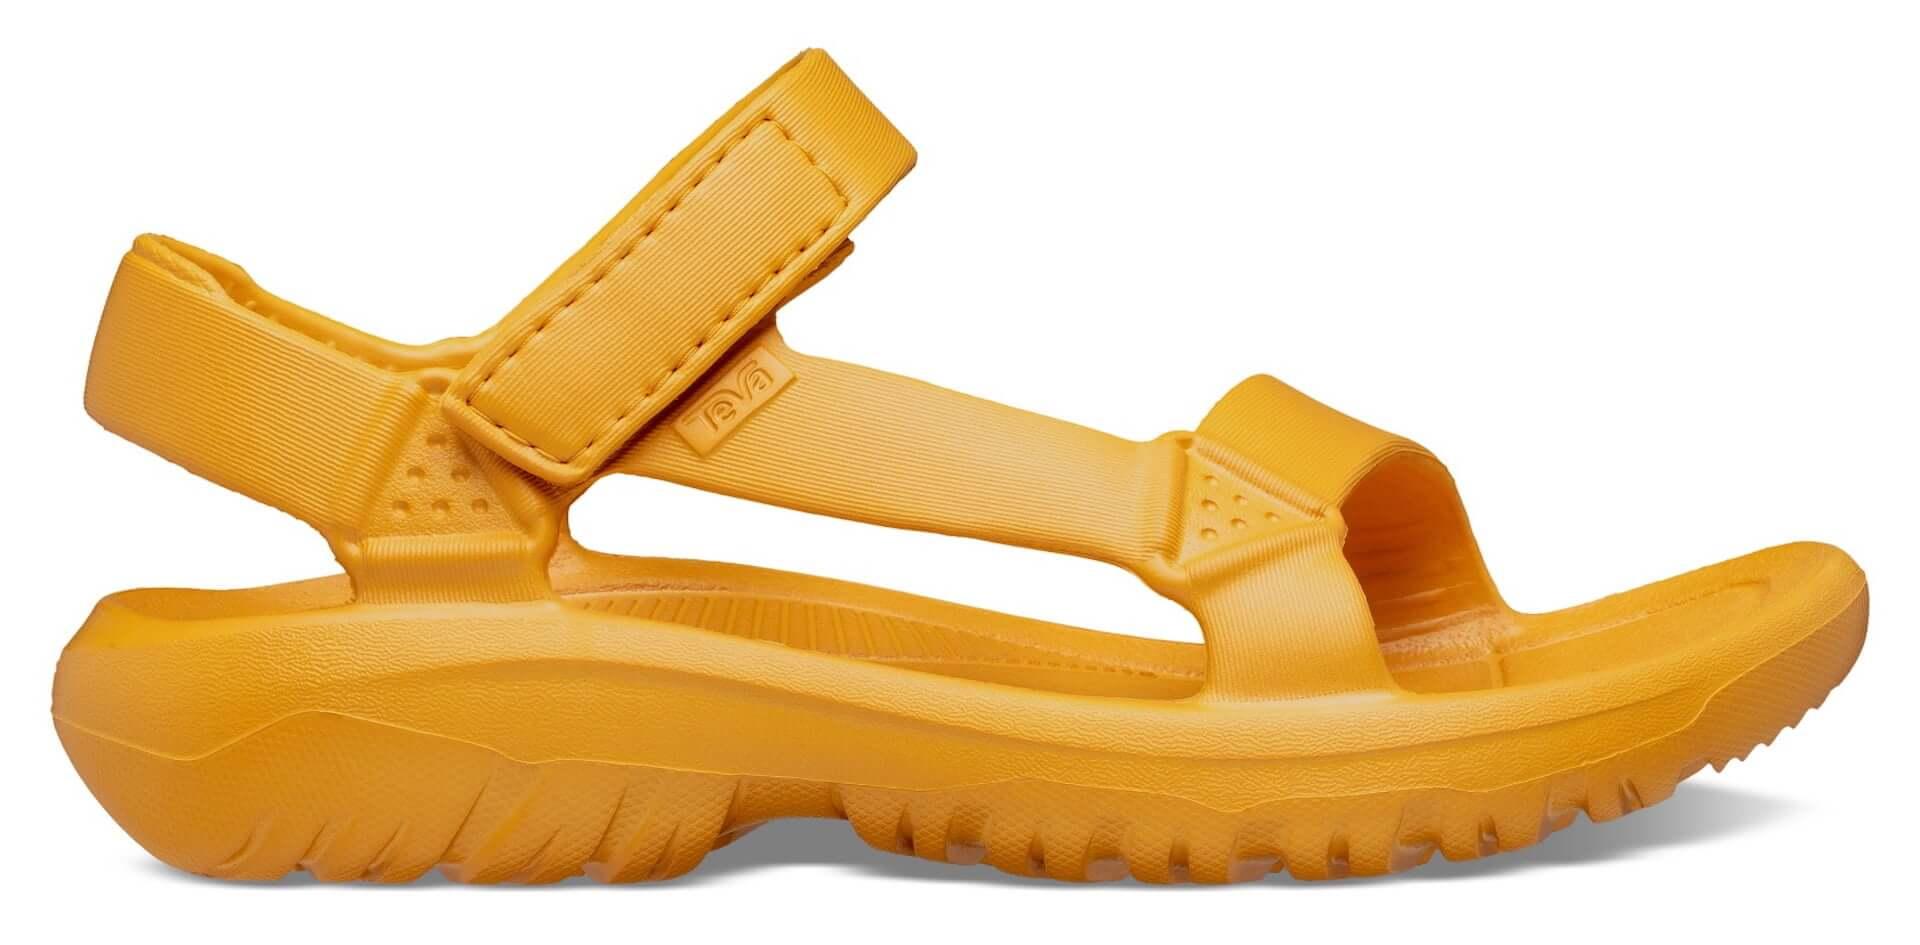 Tevaの濡れてもすぐ乾くスポーツサンダル「DRIFT COLLECTION」が登場!夏にぴったりなビビッドカラーの新色も lf200424_teva_7-1920x945